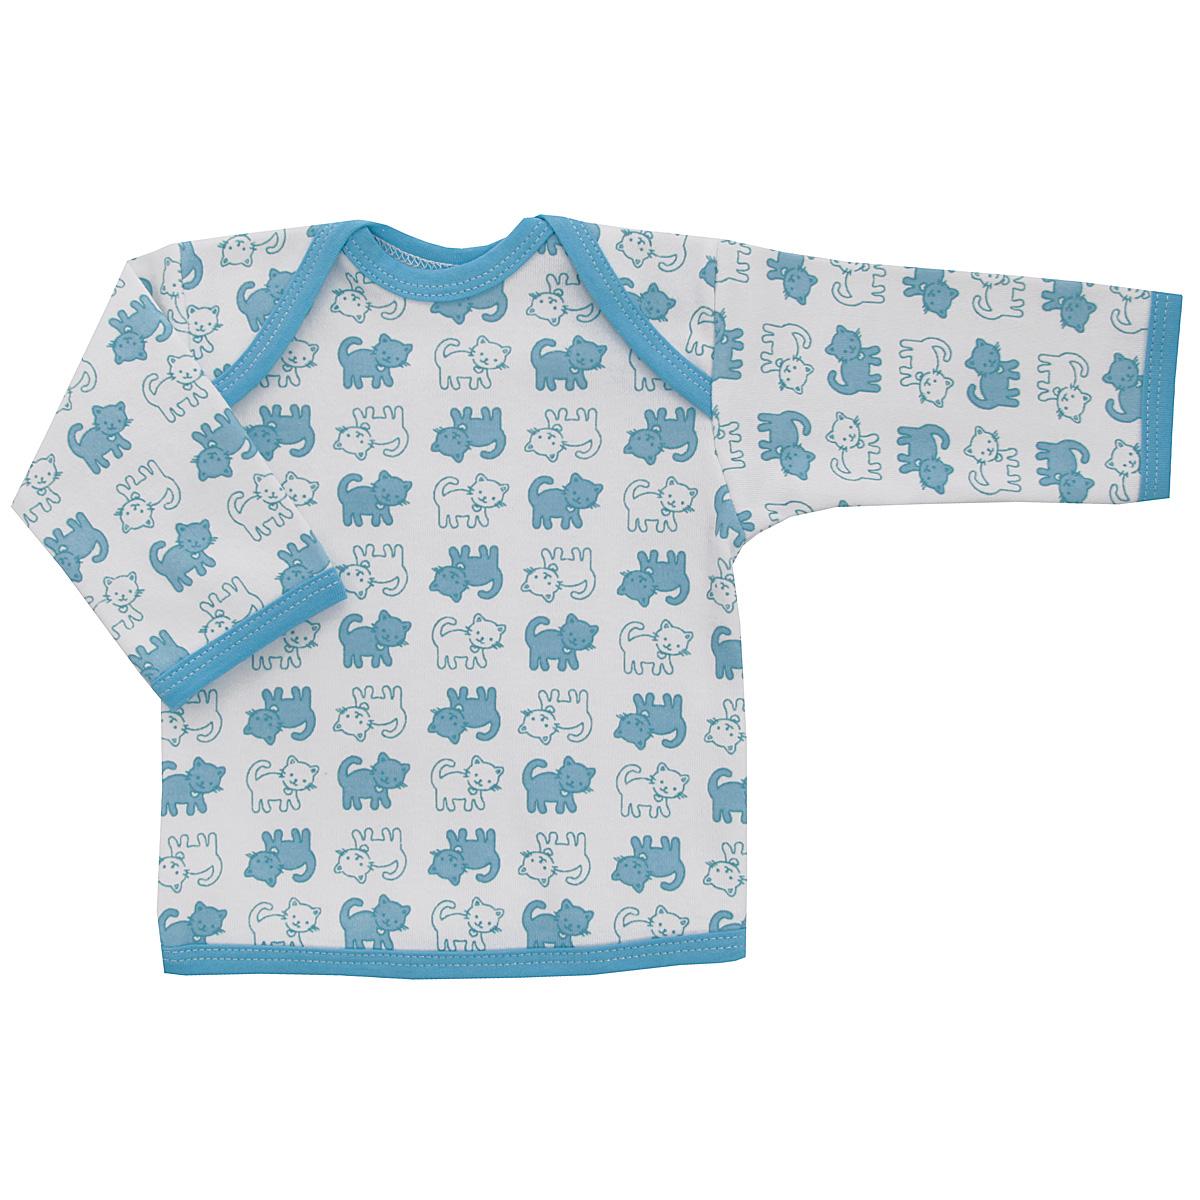 Футболка с длинным рукавом детская Трон-плюс, цвет: белый, голубой. 5611_котенок. Размер 68, 6 месяцев5611_котенокУдобная детская футболка Трон-плюс с длинными рукавами послужит идеальным дополнением к гардеробу вашего ребенка, обеспечивая ему наибольший комфорт. Изготовленная из интерлока - натурального хлопка, она необычайно мягкая и легкая, не раздражает нежную кожу ребенка и хорошо вентилируется, а эластичные швы приятны телу ребенка и не препятствуют его движениям. Удобные запахи на плечах помогают легко переодеть младенца. Горловина, низ модели и низ рукавов дополнены трикотажной бейкой. Спинка модели незначительно укорочена. Оформлено изделие принтом с изображениями котенка. Футболка полностью соответствует особенностям жизни ребенка в ранний период, не стесняя и не ограничивая его в движениях.